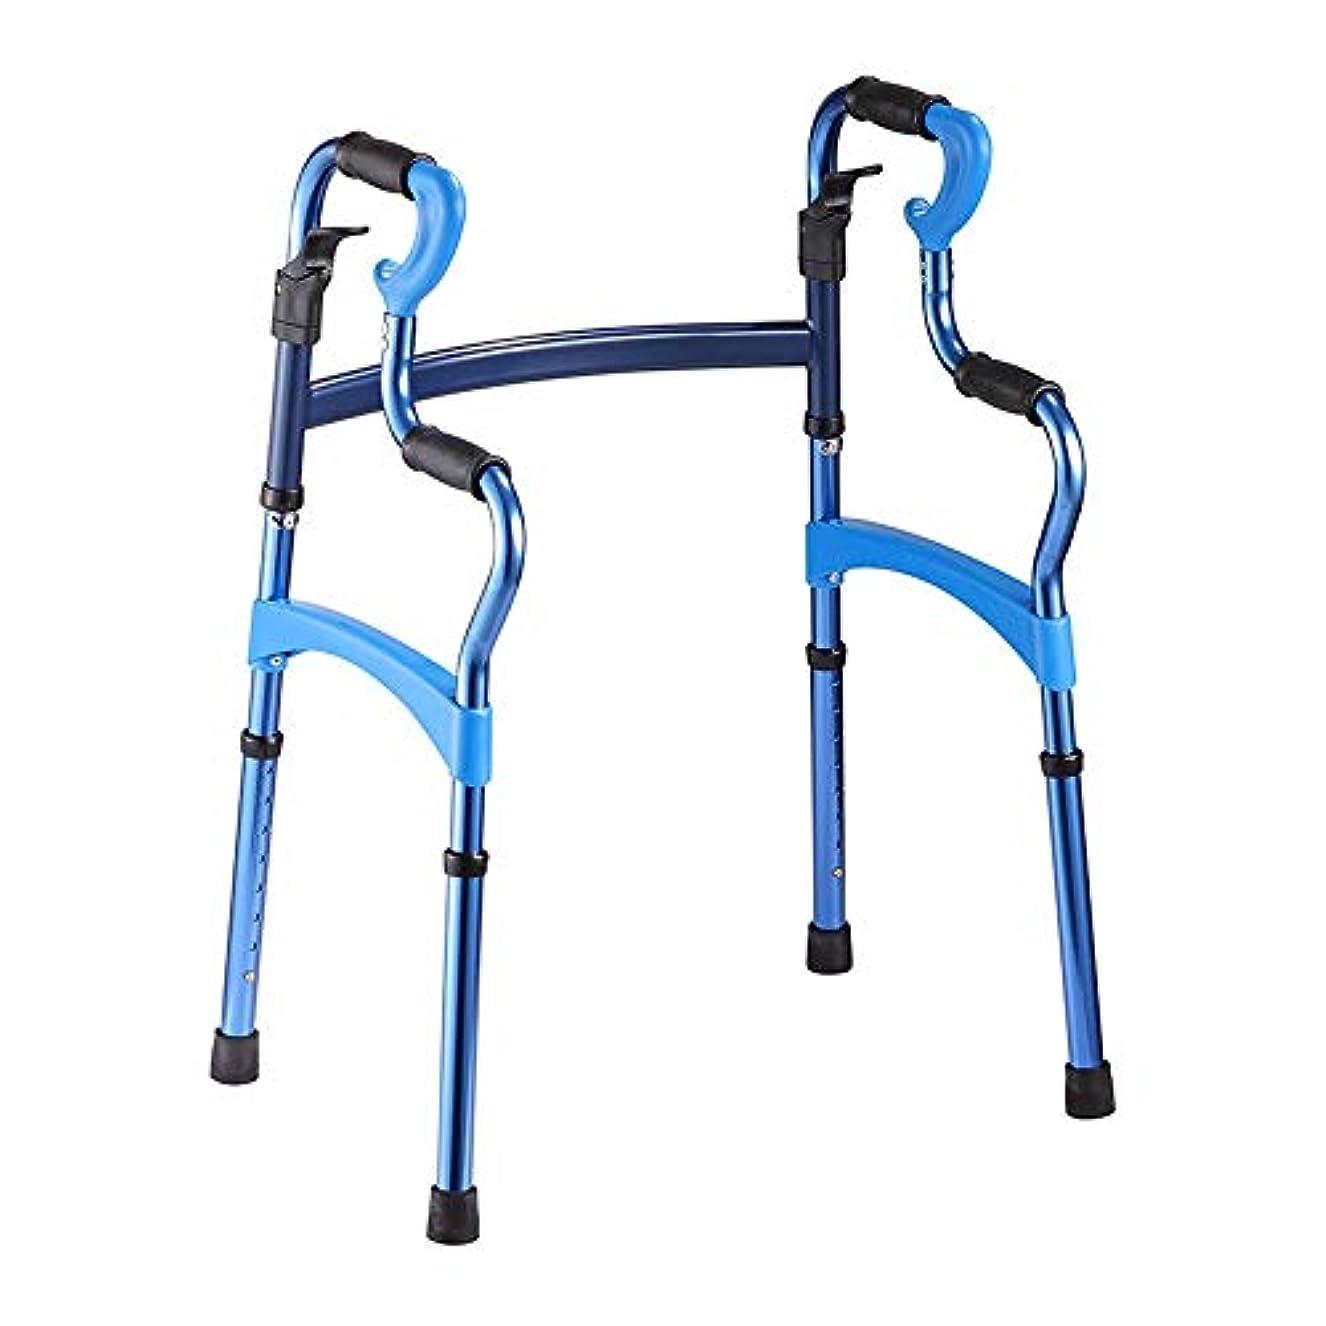 起きろ統合する削減高齢者、障害者、障害者、または負傷者のための調整可能な折りたたみ歩行補助具、軽量で調整可能な移動補助具